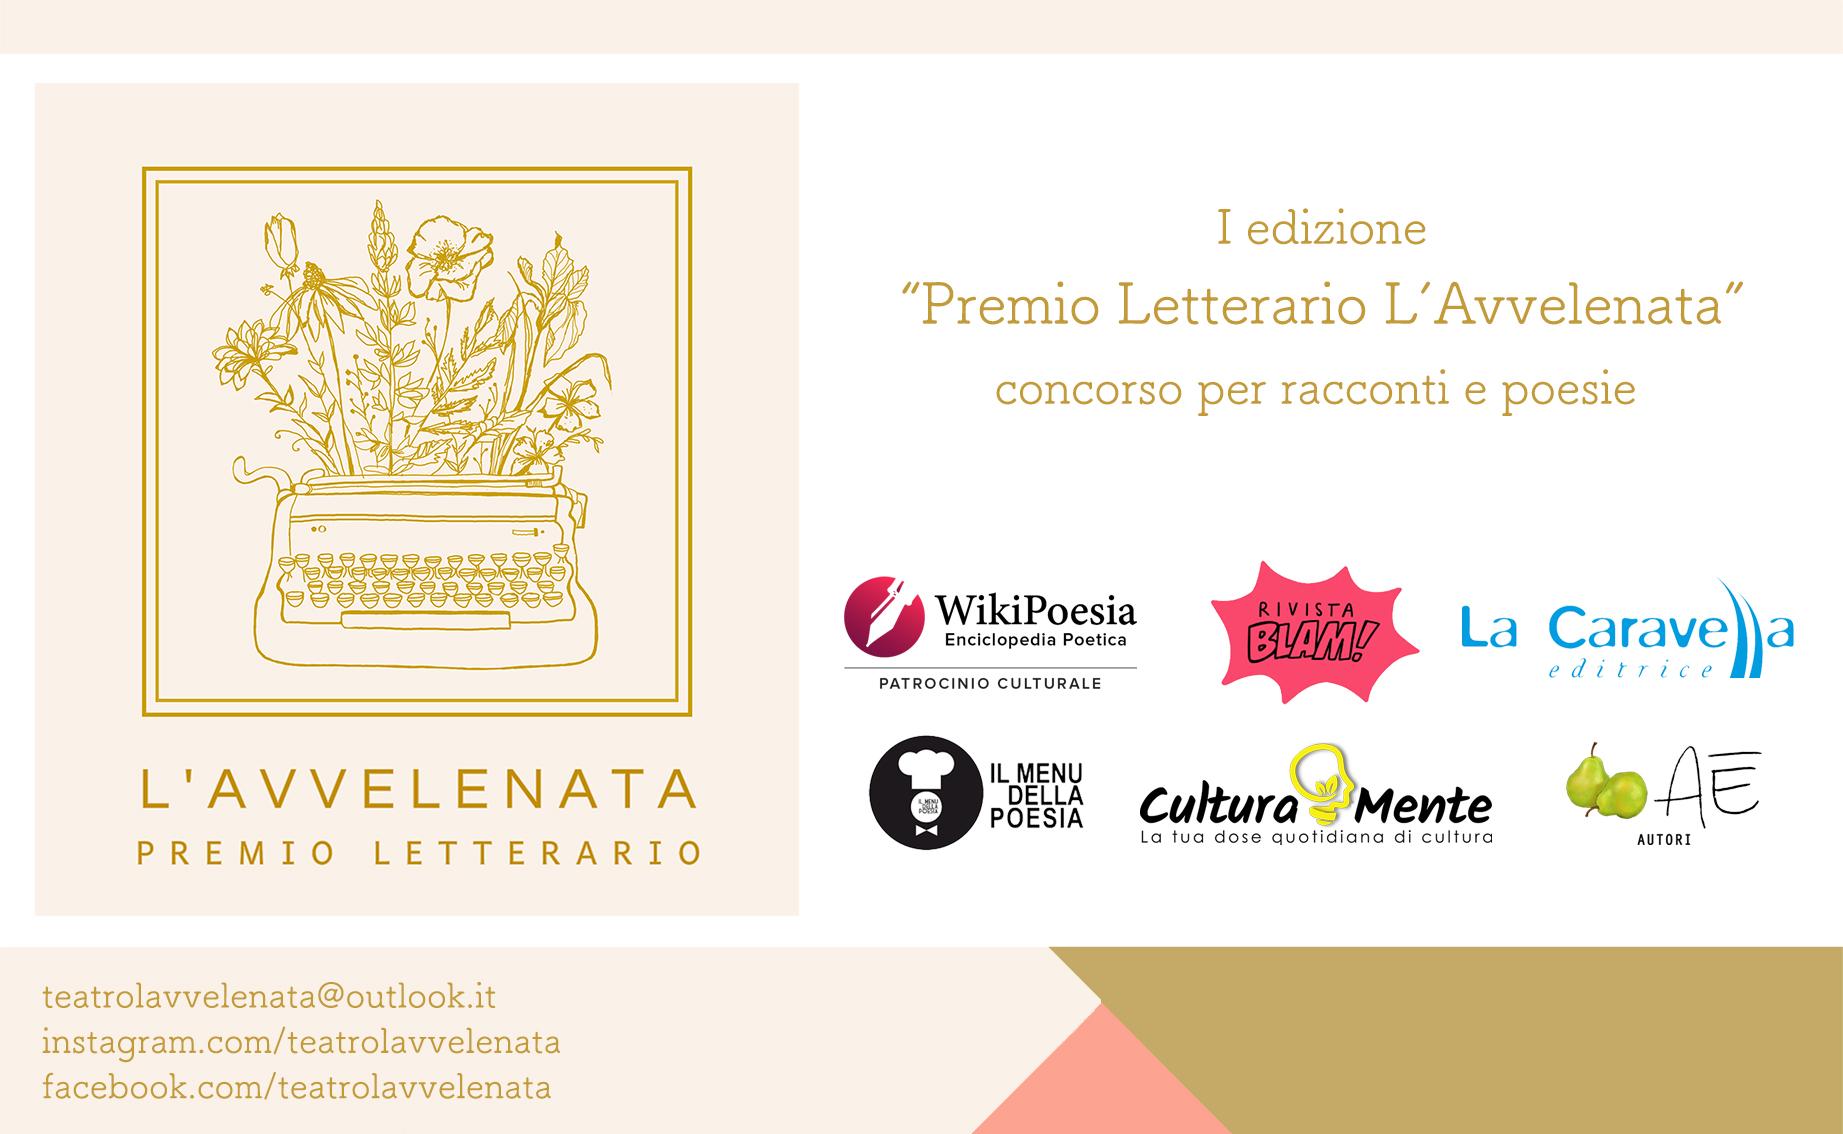 Premio Letterario L'Avvelenata